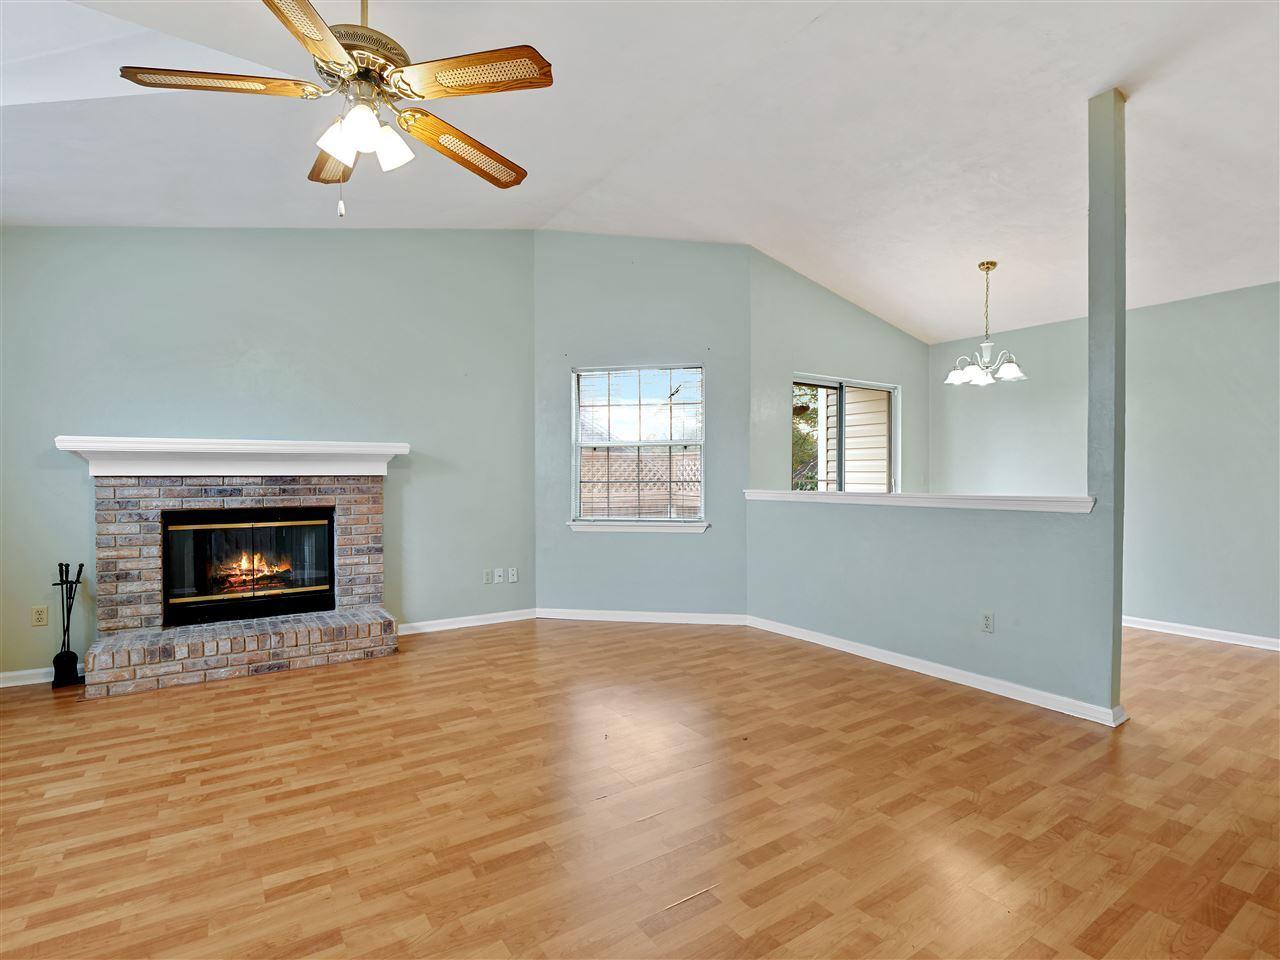 Photo of 4127 WHITE PINE Court, TALLAHASSEE, FL 32311 (MLS # 327170)